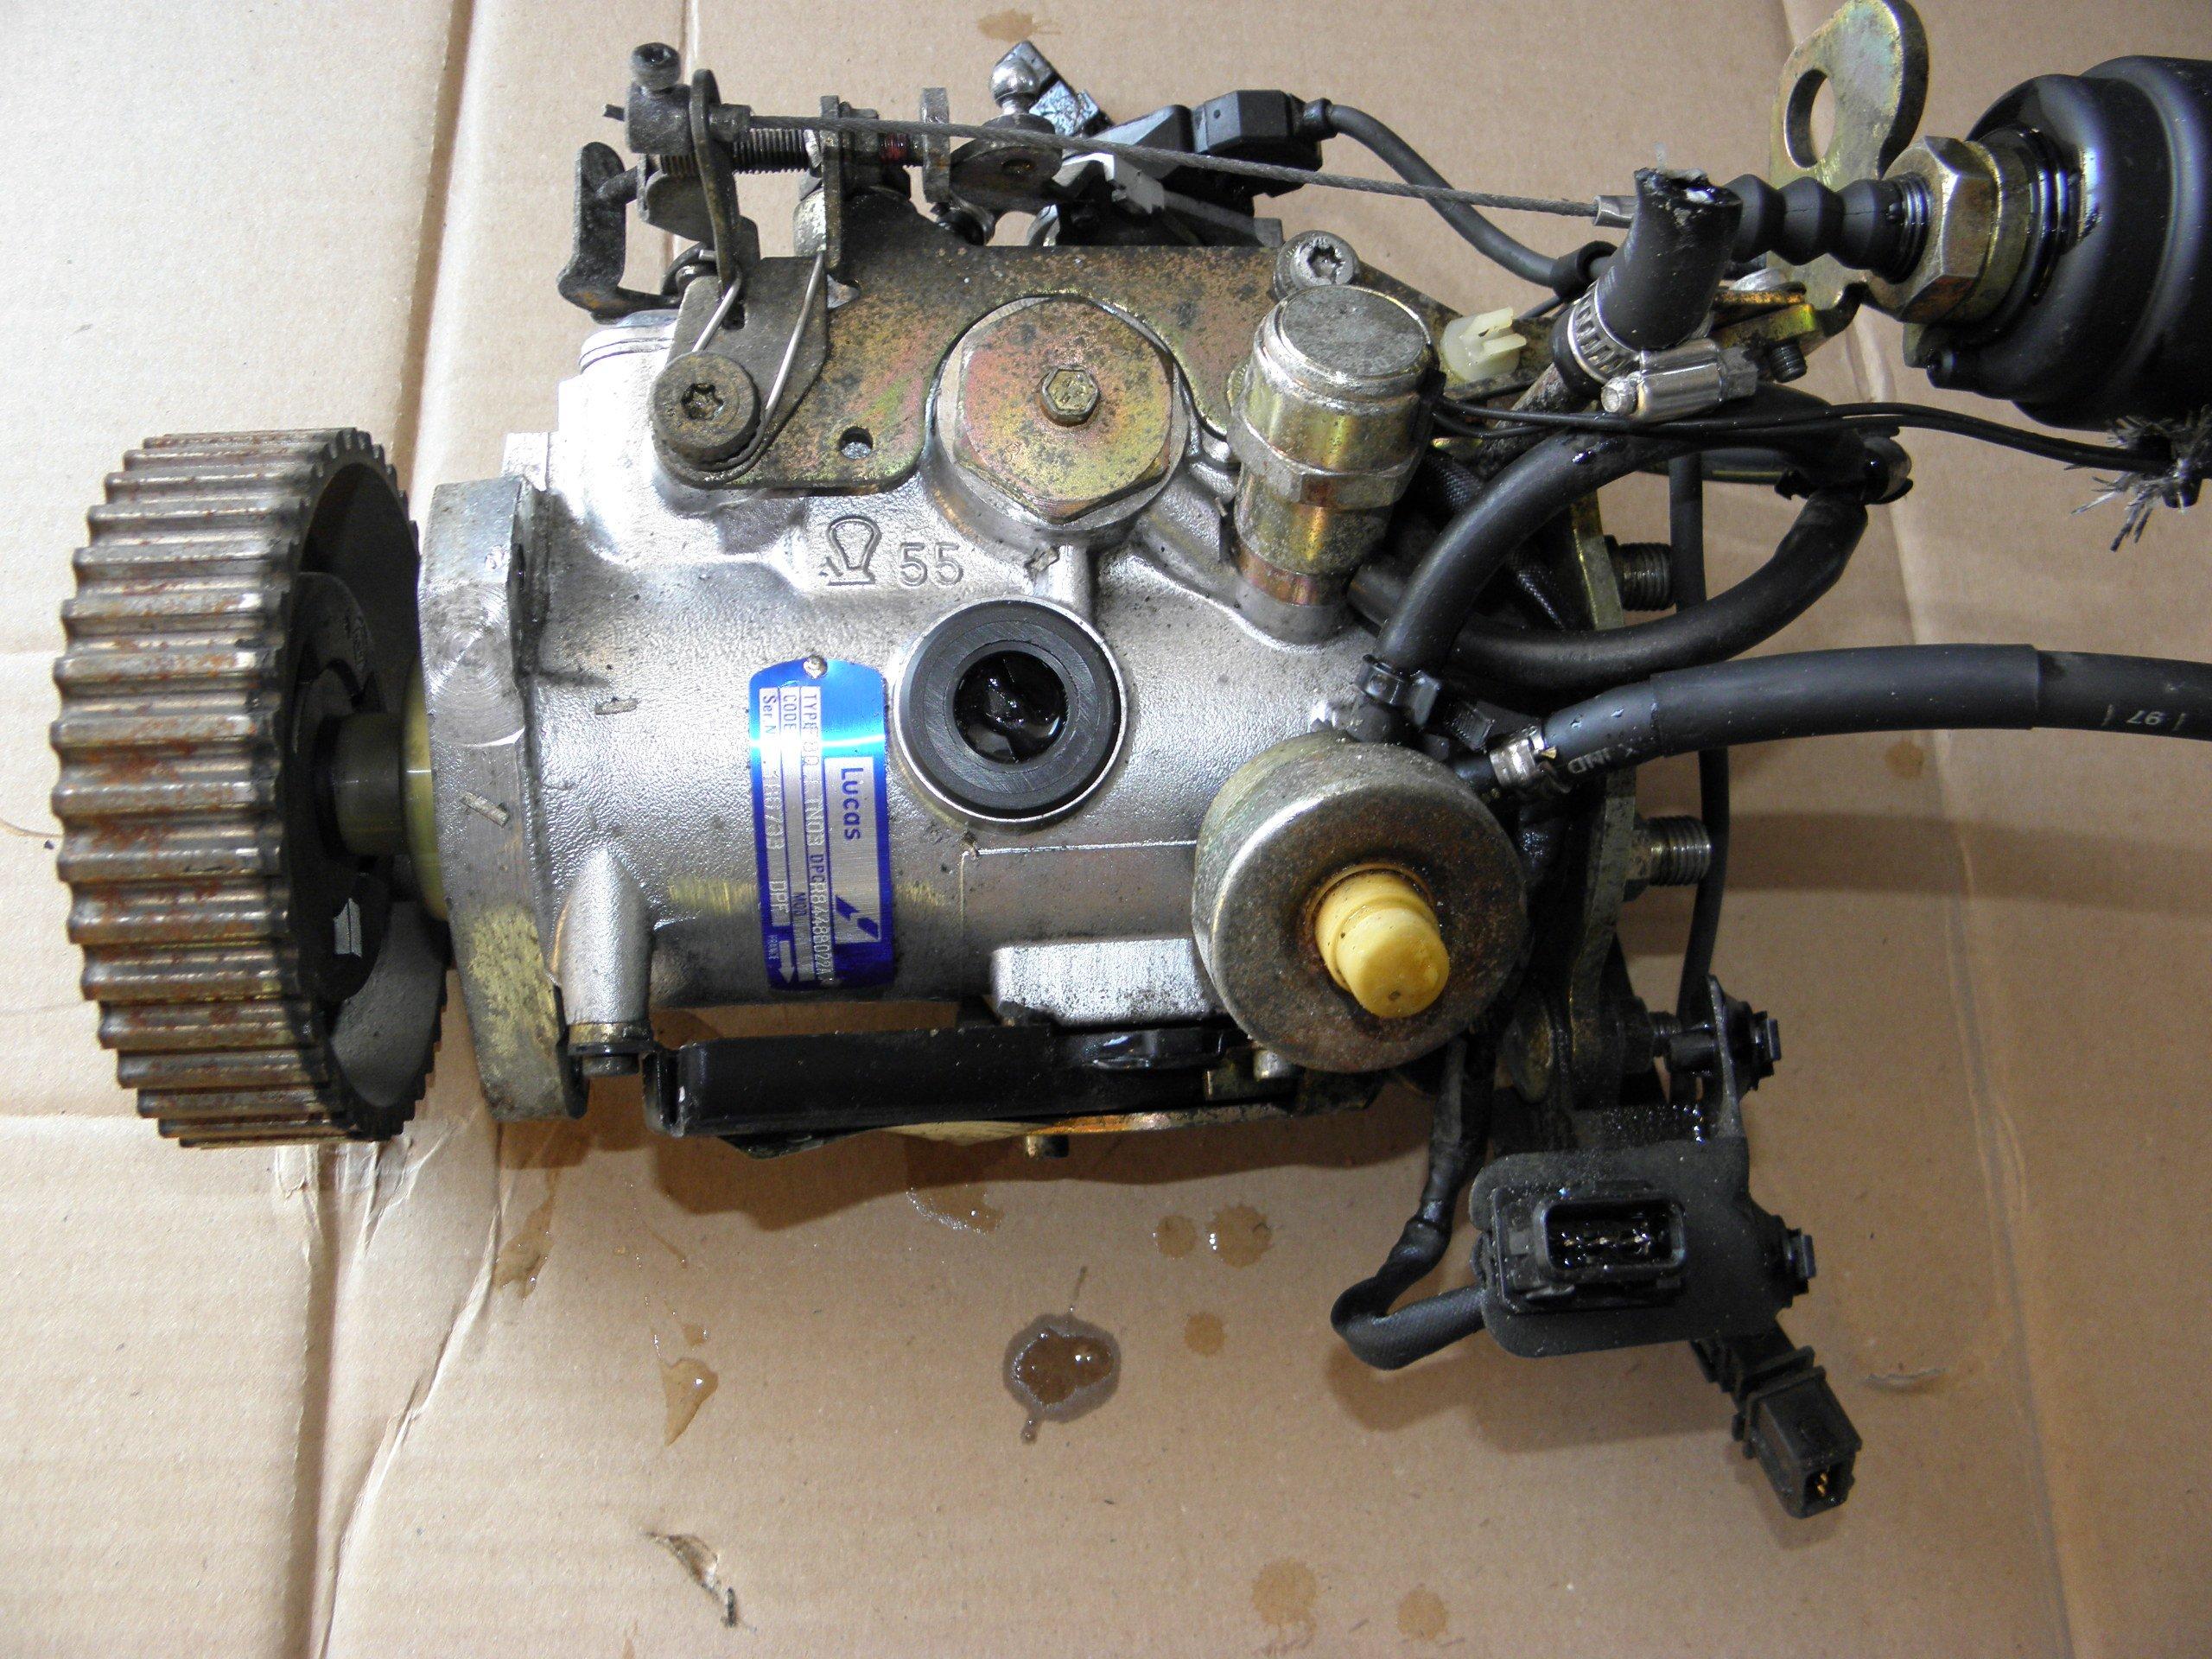 W Ultra pompa wtryskowa lucas w kategorii Części samochodowe w Oficjalnym VP76